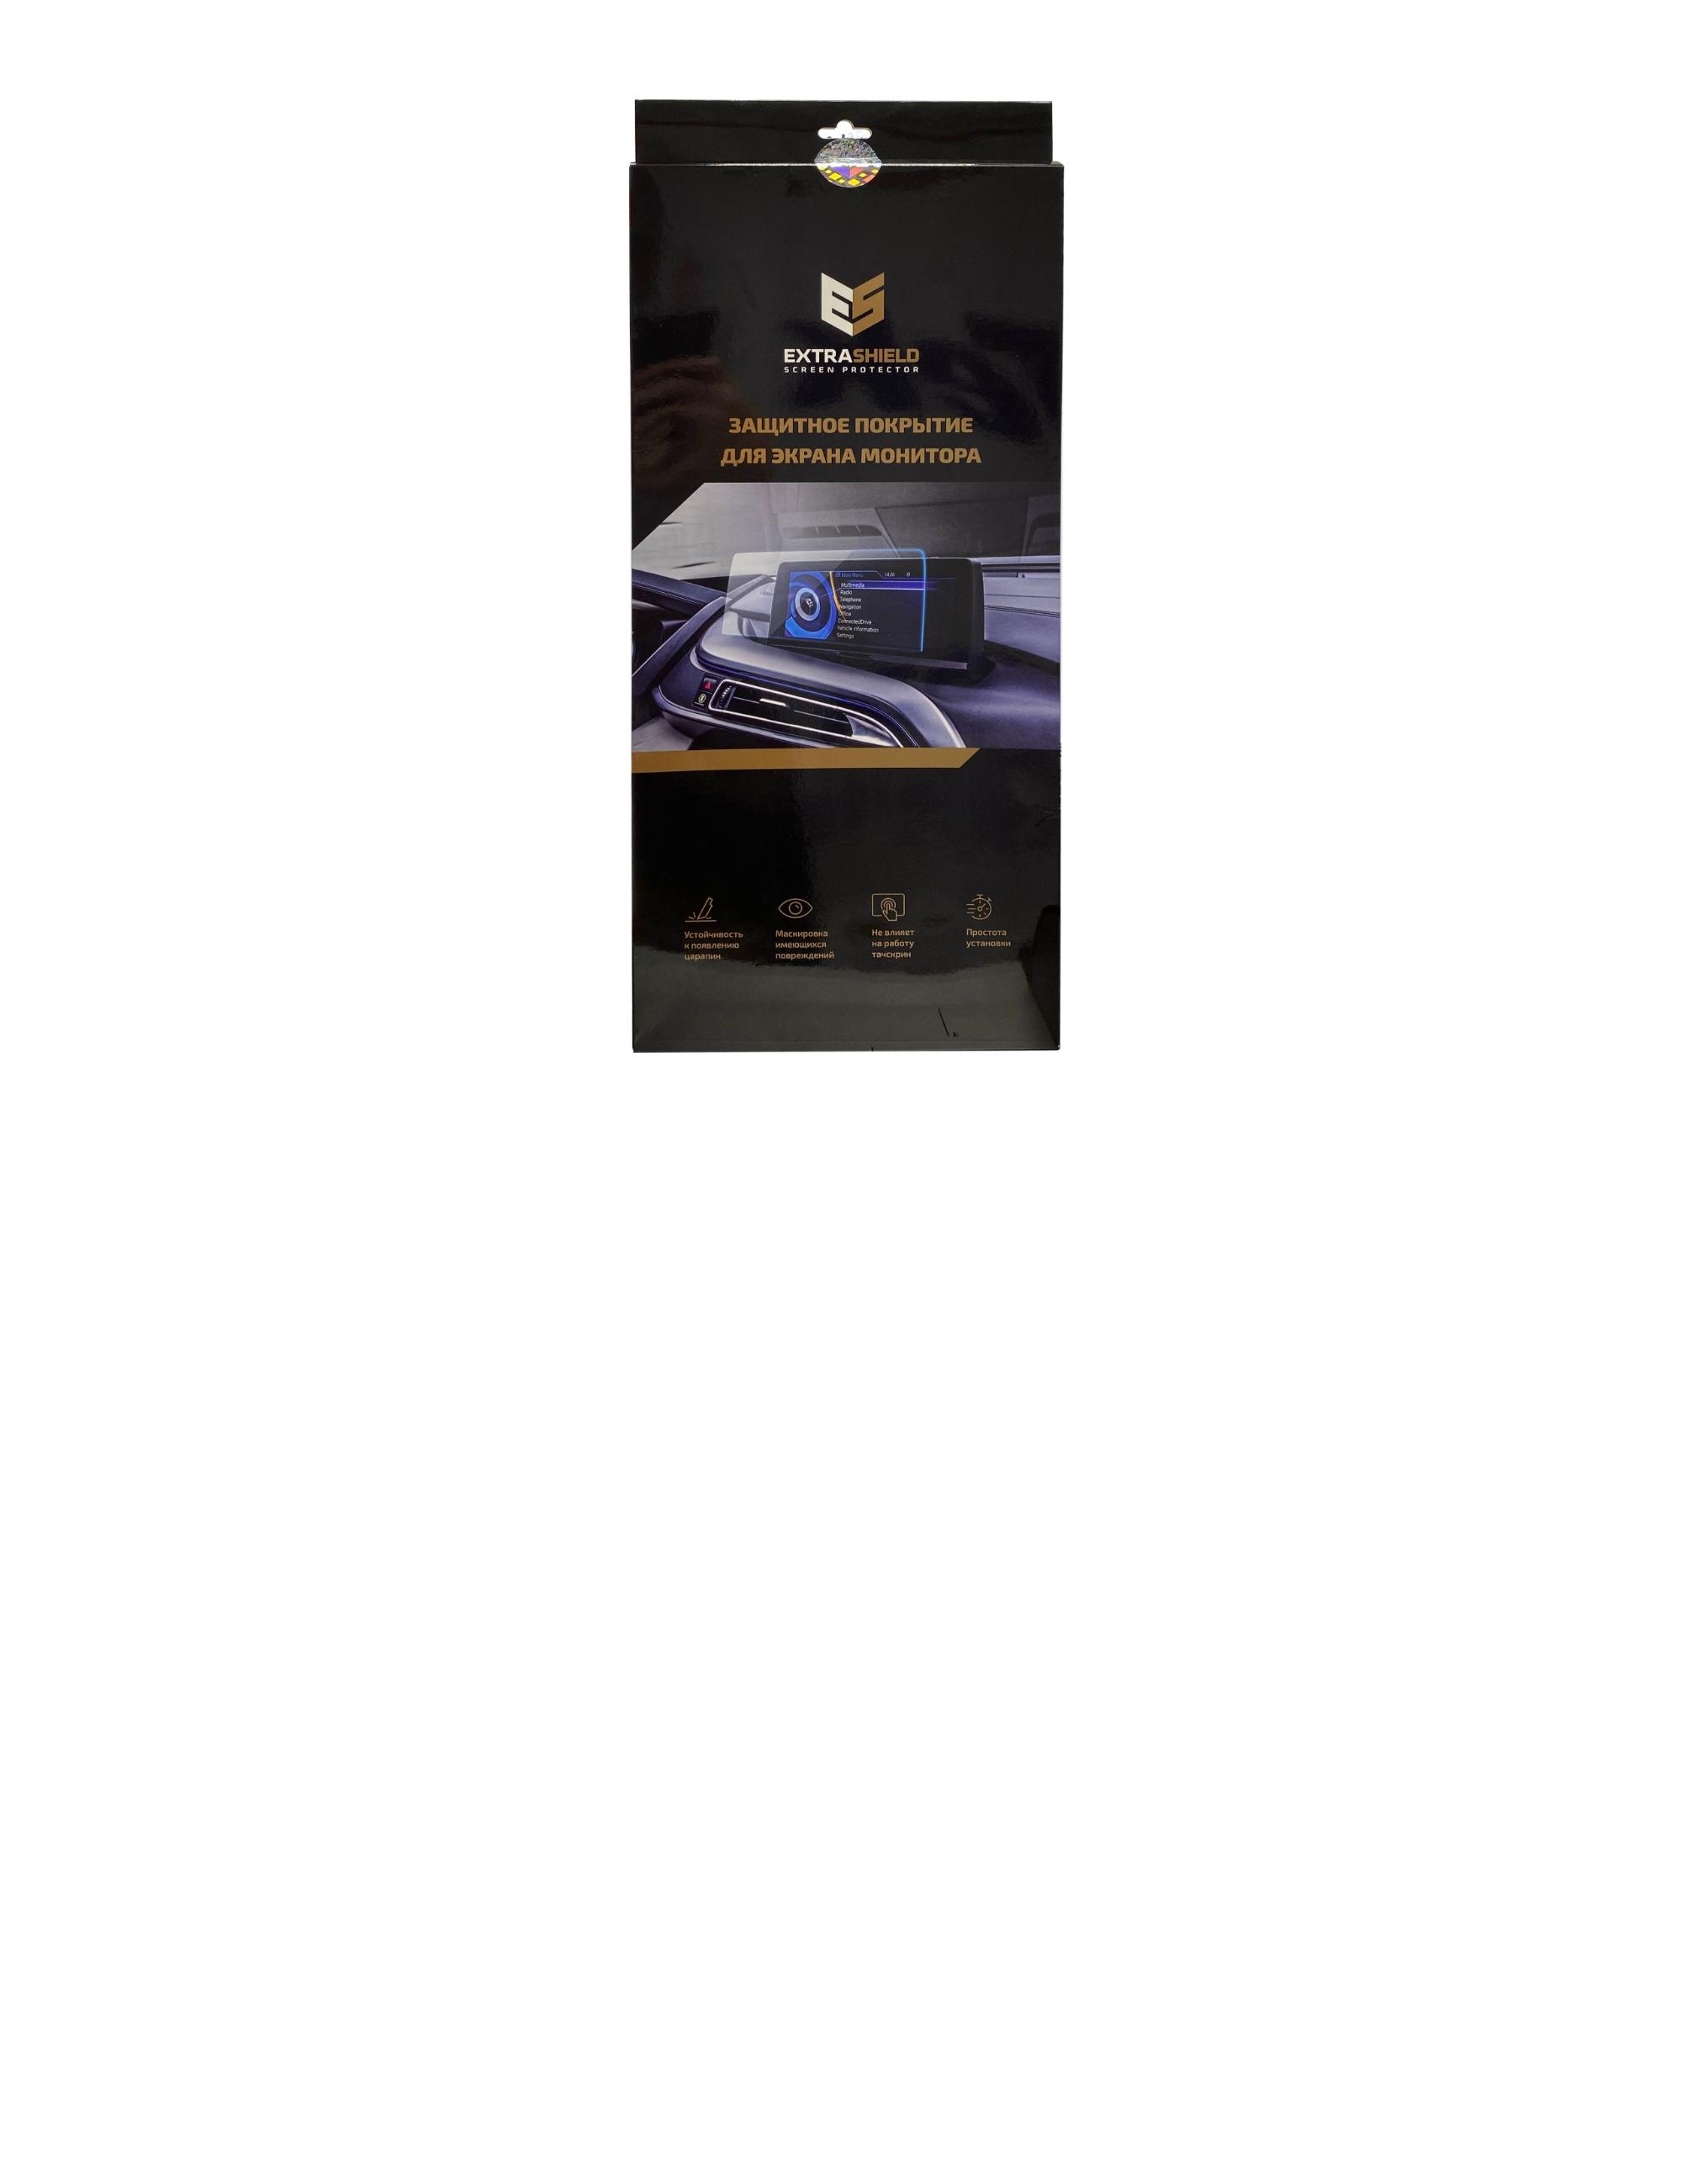 Audi Q7 II (4M) дорестайлинг 2016 - 2019 мультимедиа 7 Статическая пленка Матовая